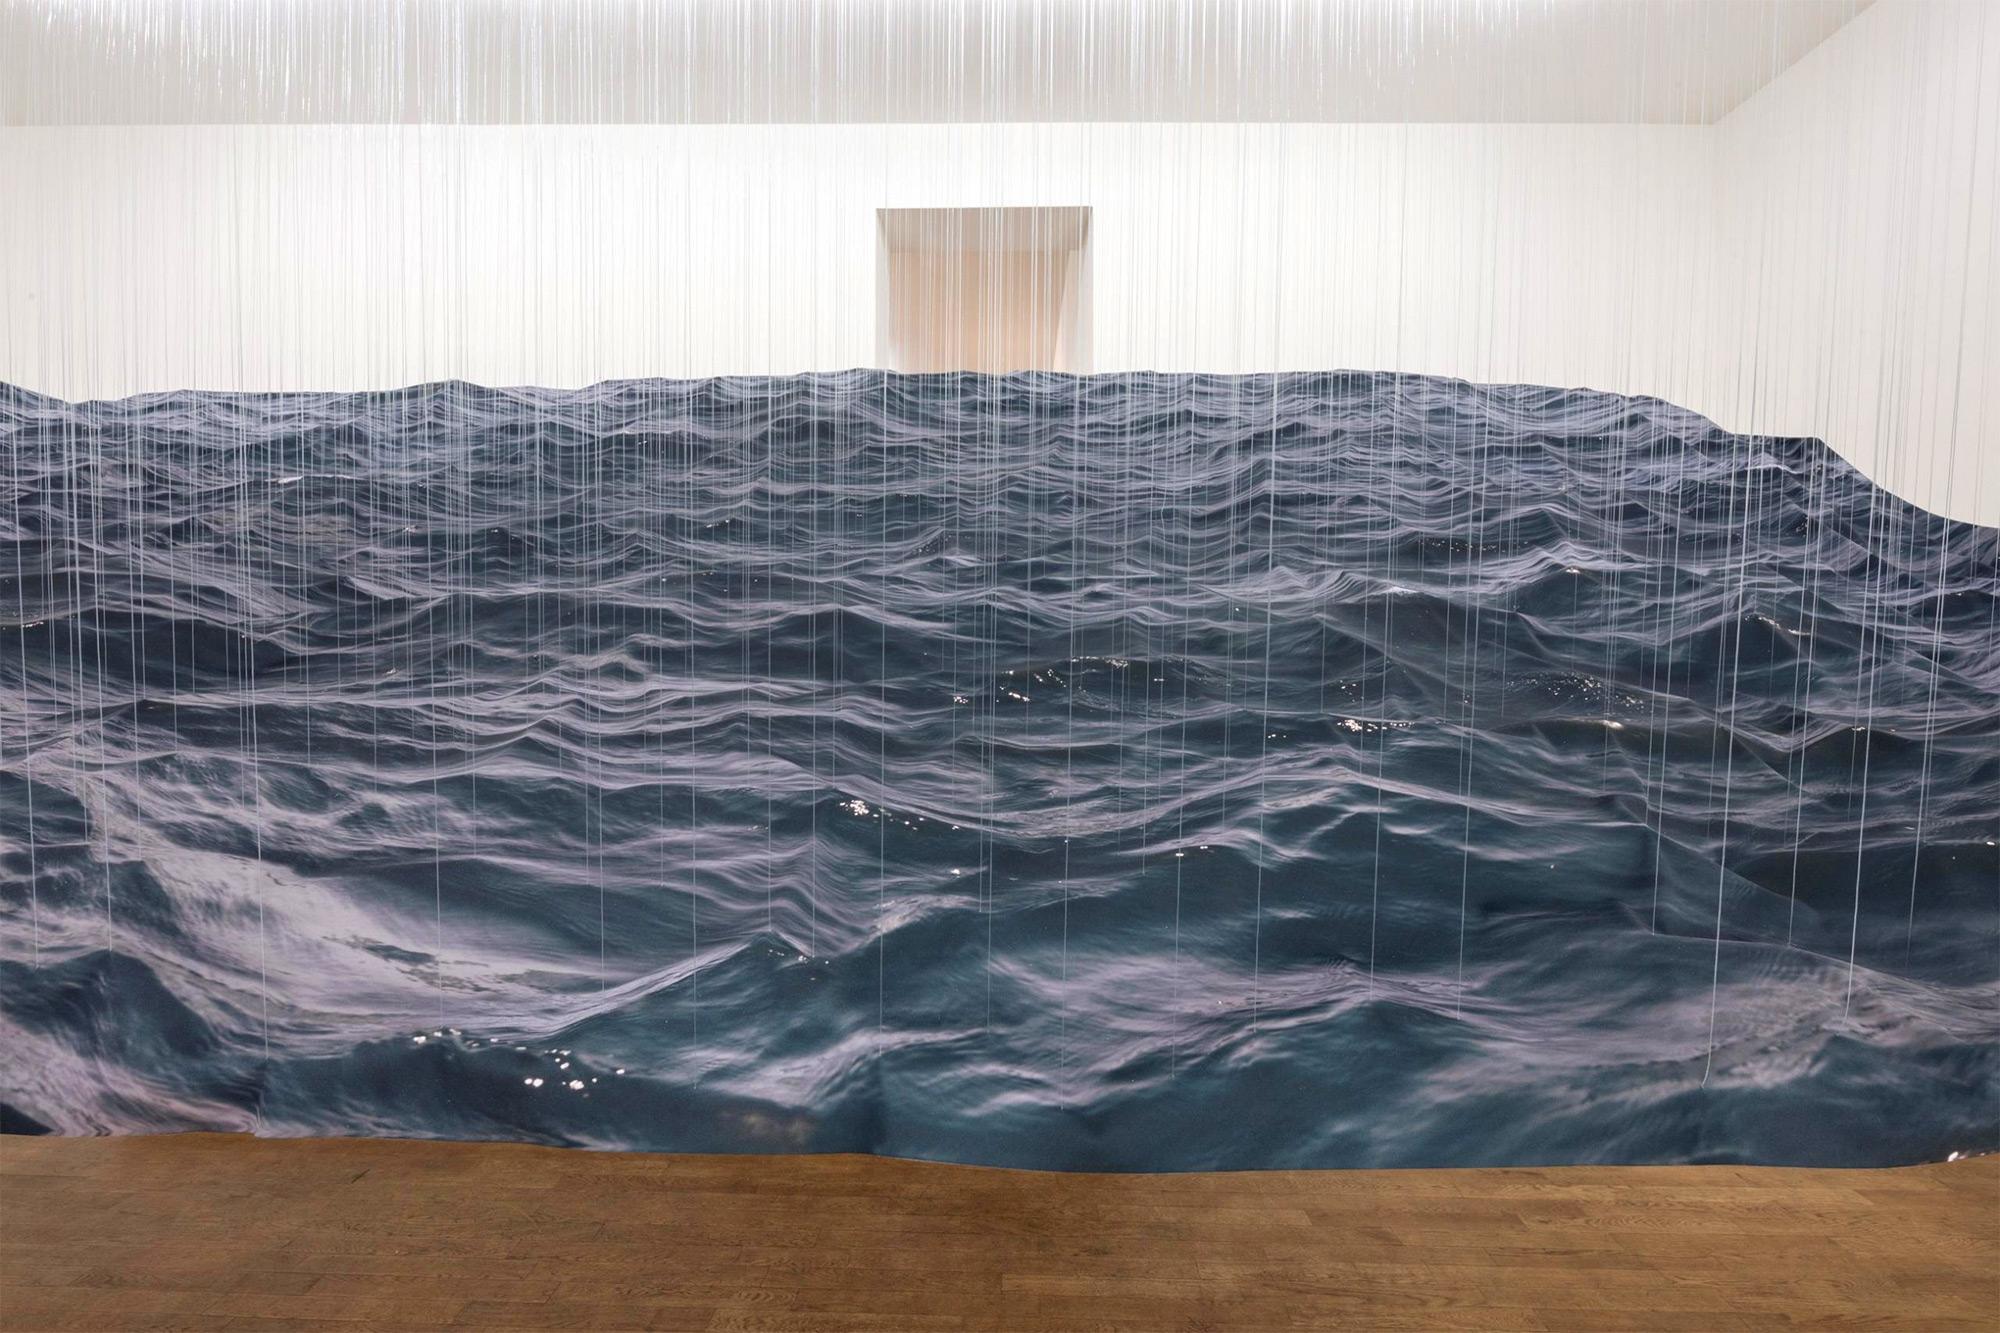 Le onde oceaniche sospese di Miguel Rothschild | Collater.al 2